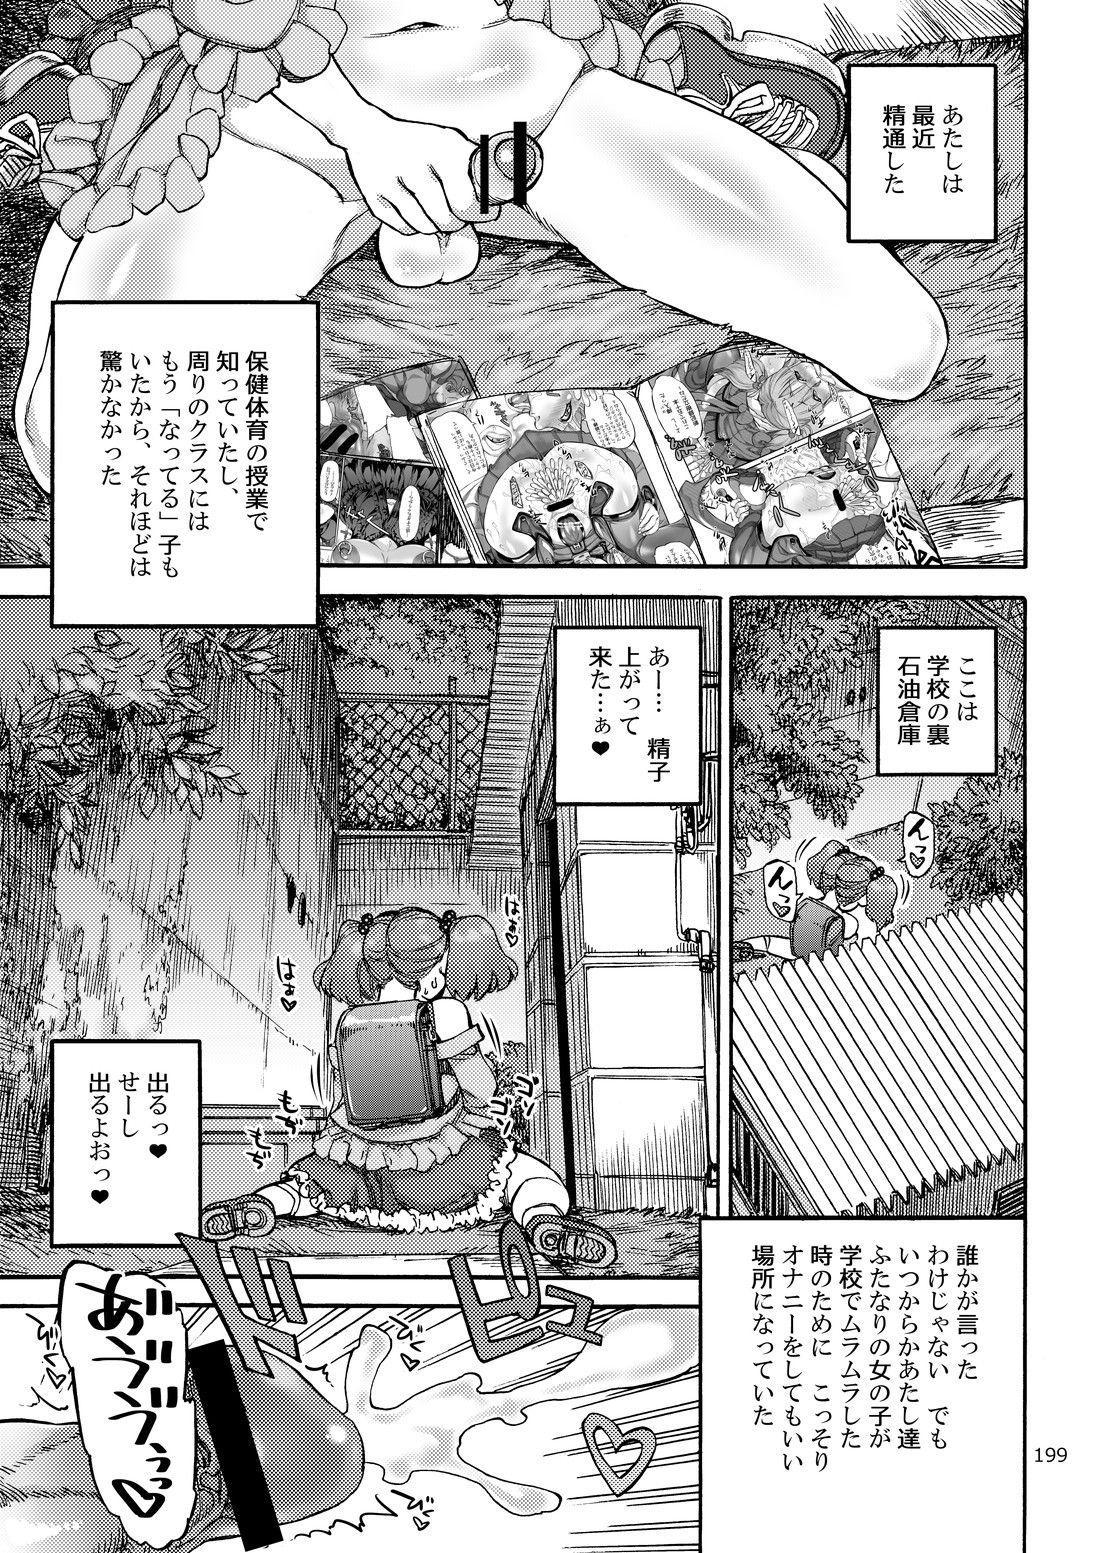 Shikibo Natsu 198